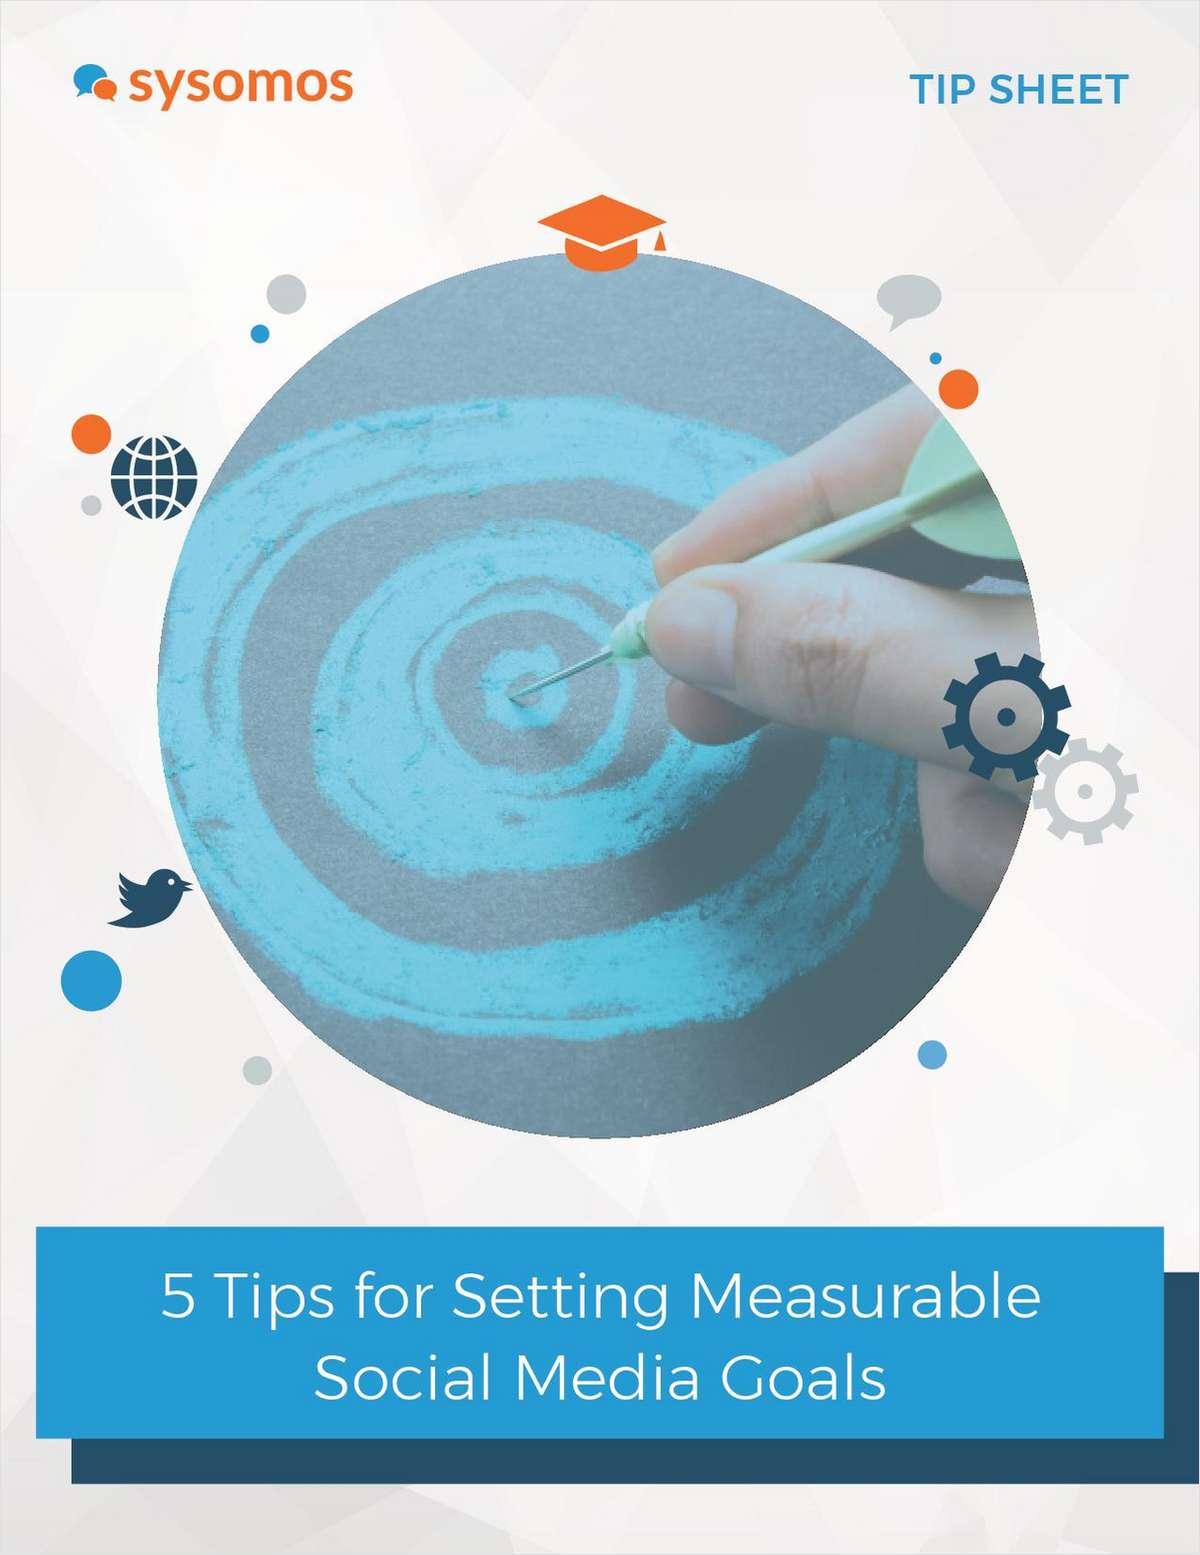 5 Tips for Setting Measurable Social Media Goals